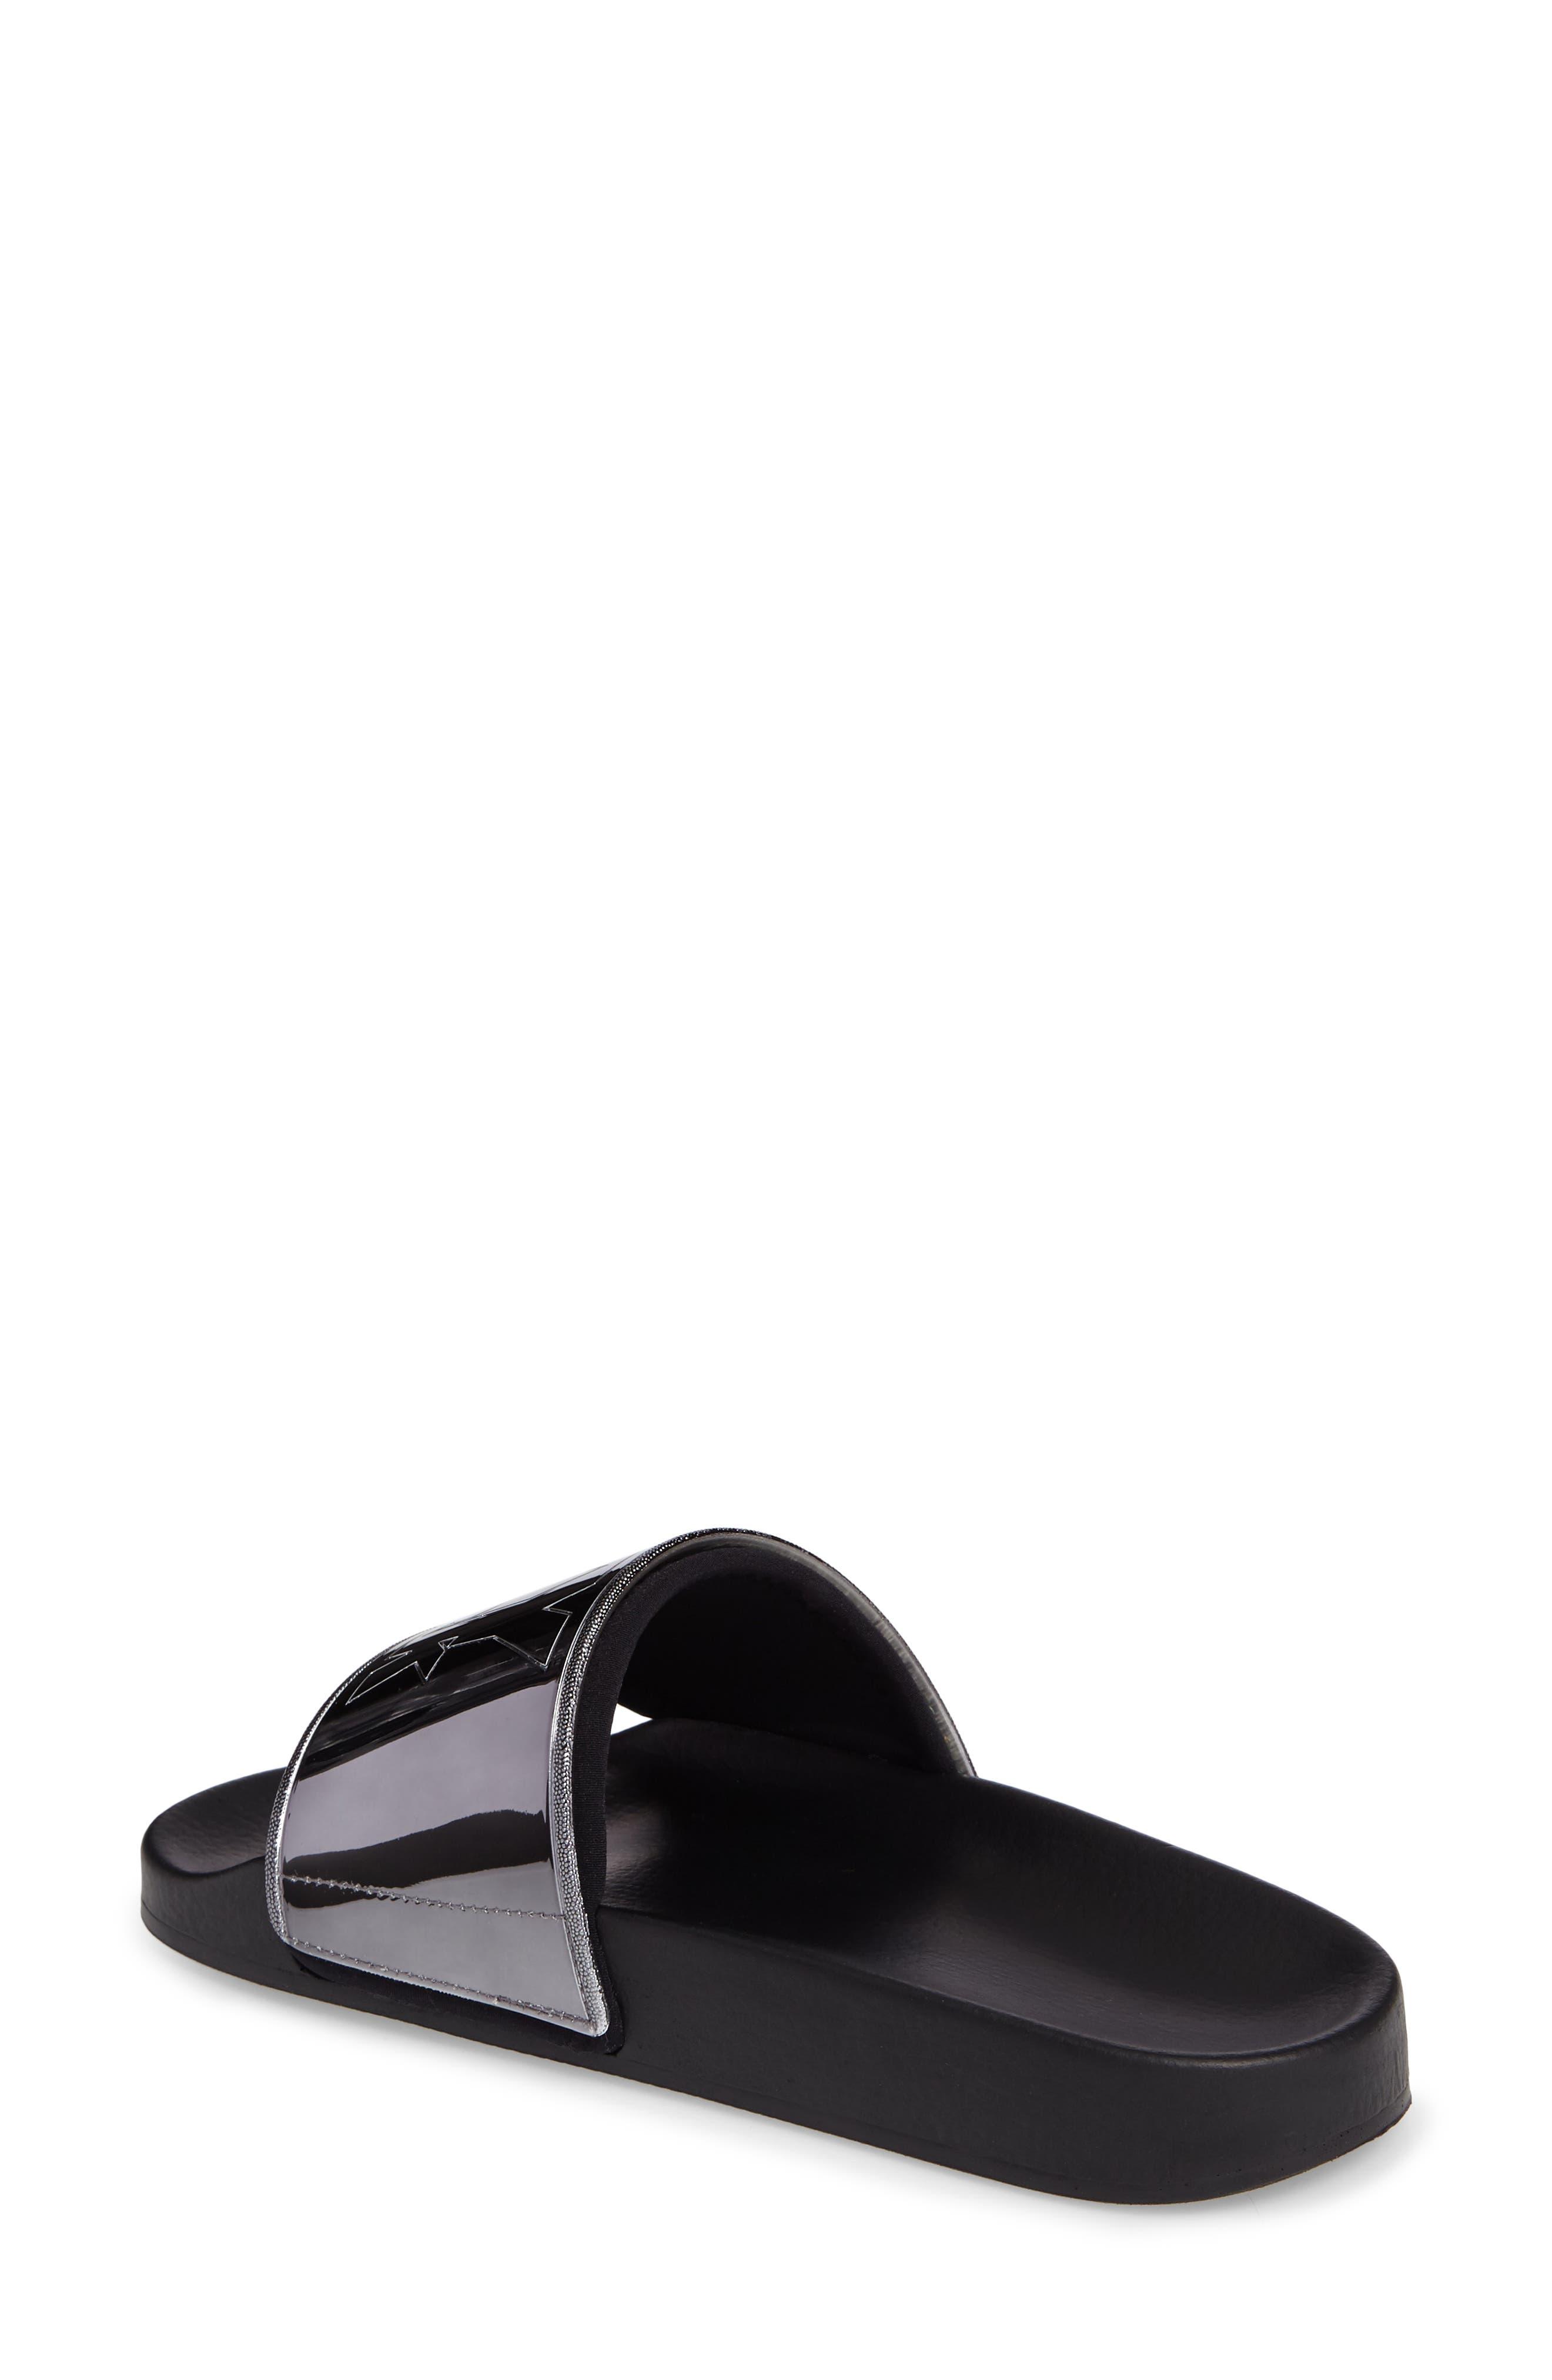 Alternate Image 2  - IVY PARK® Neoprene Lined Logo Slide Sandal (Women)